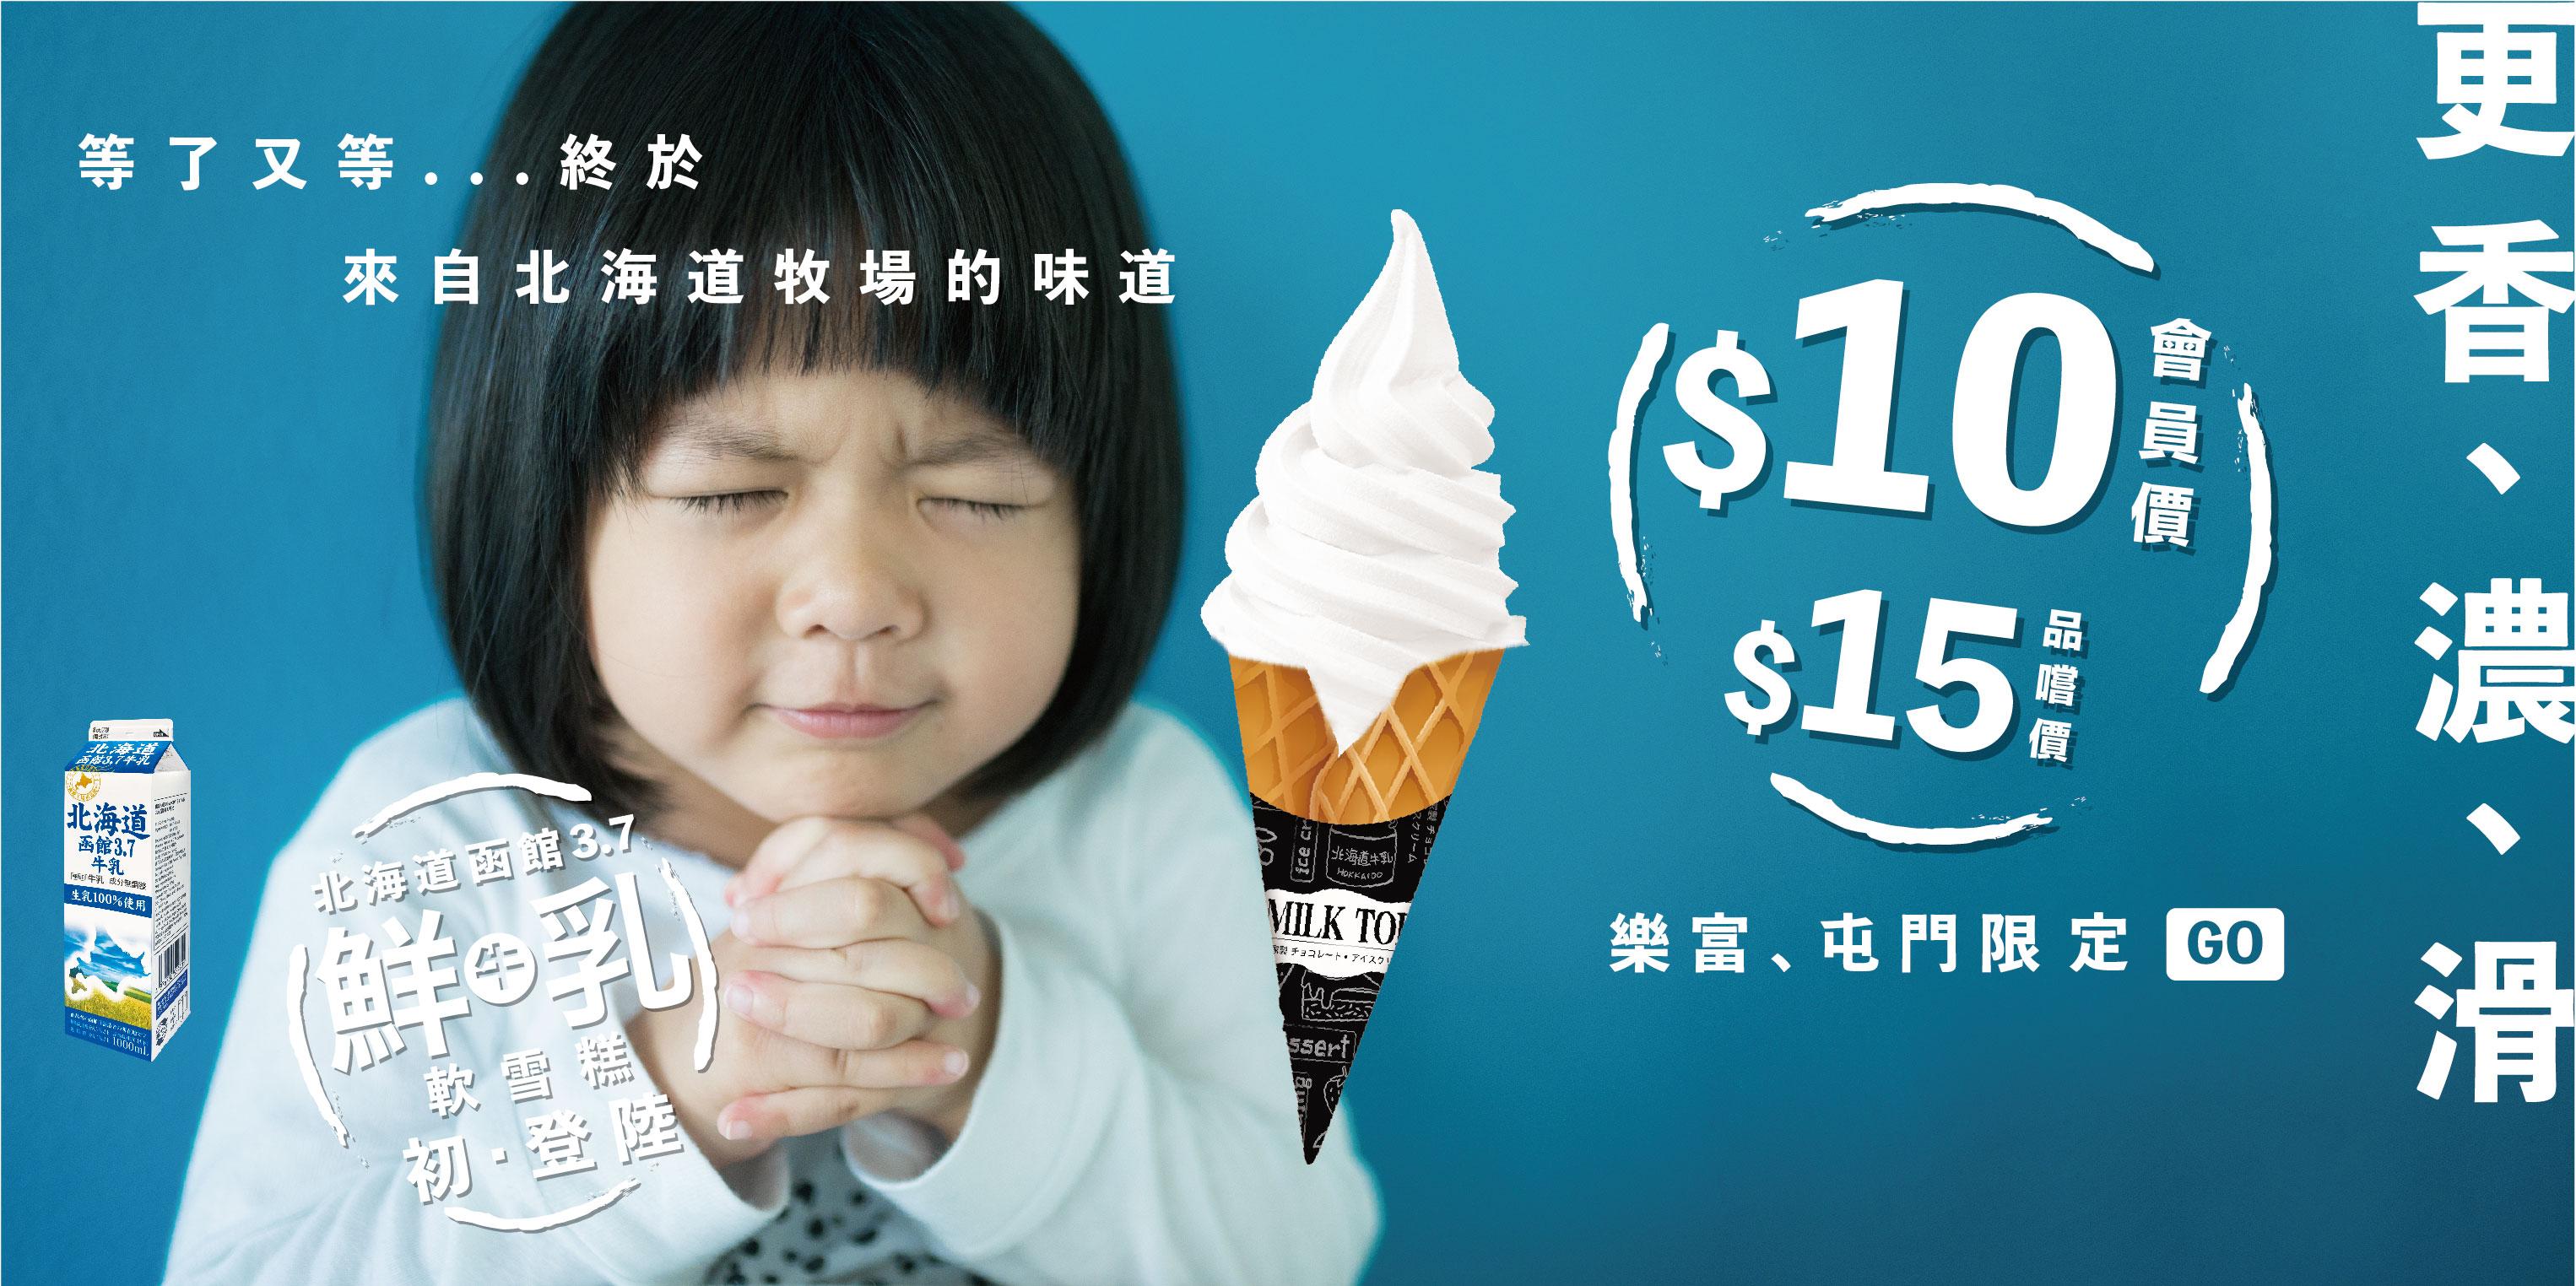 北海道函館3.7鮮牛奶 - 軟雪糕